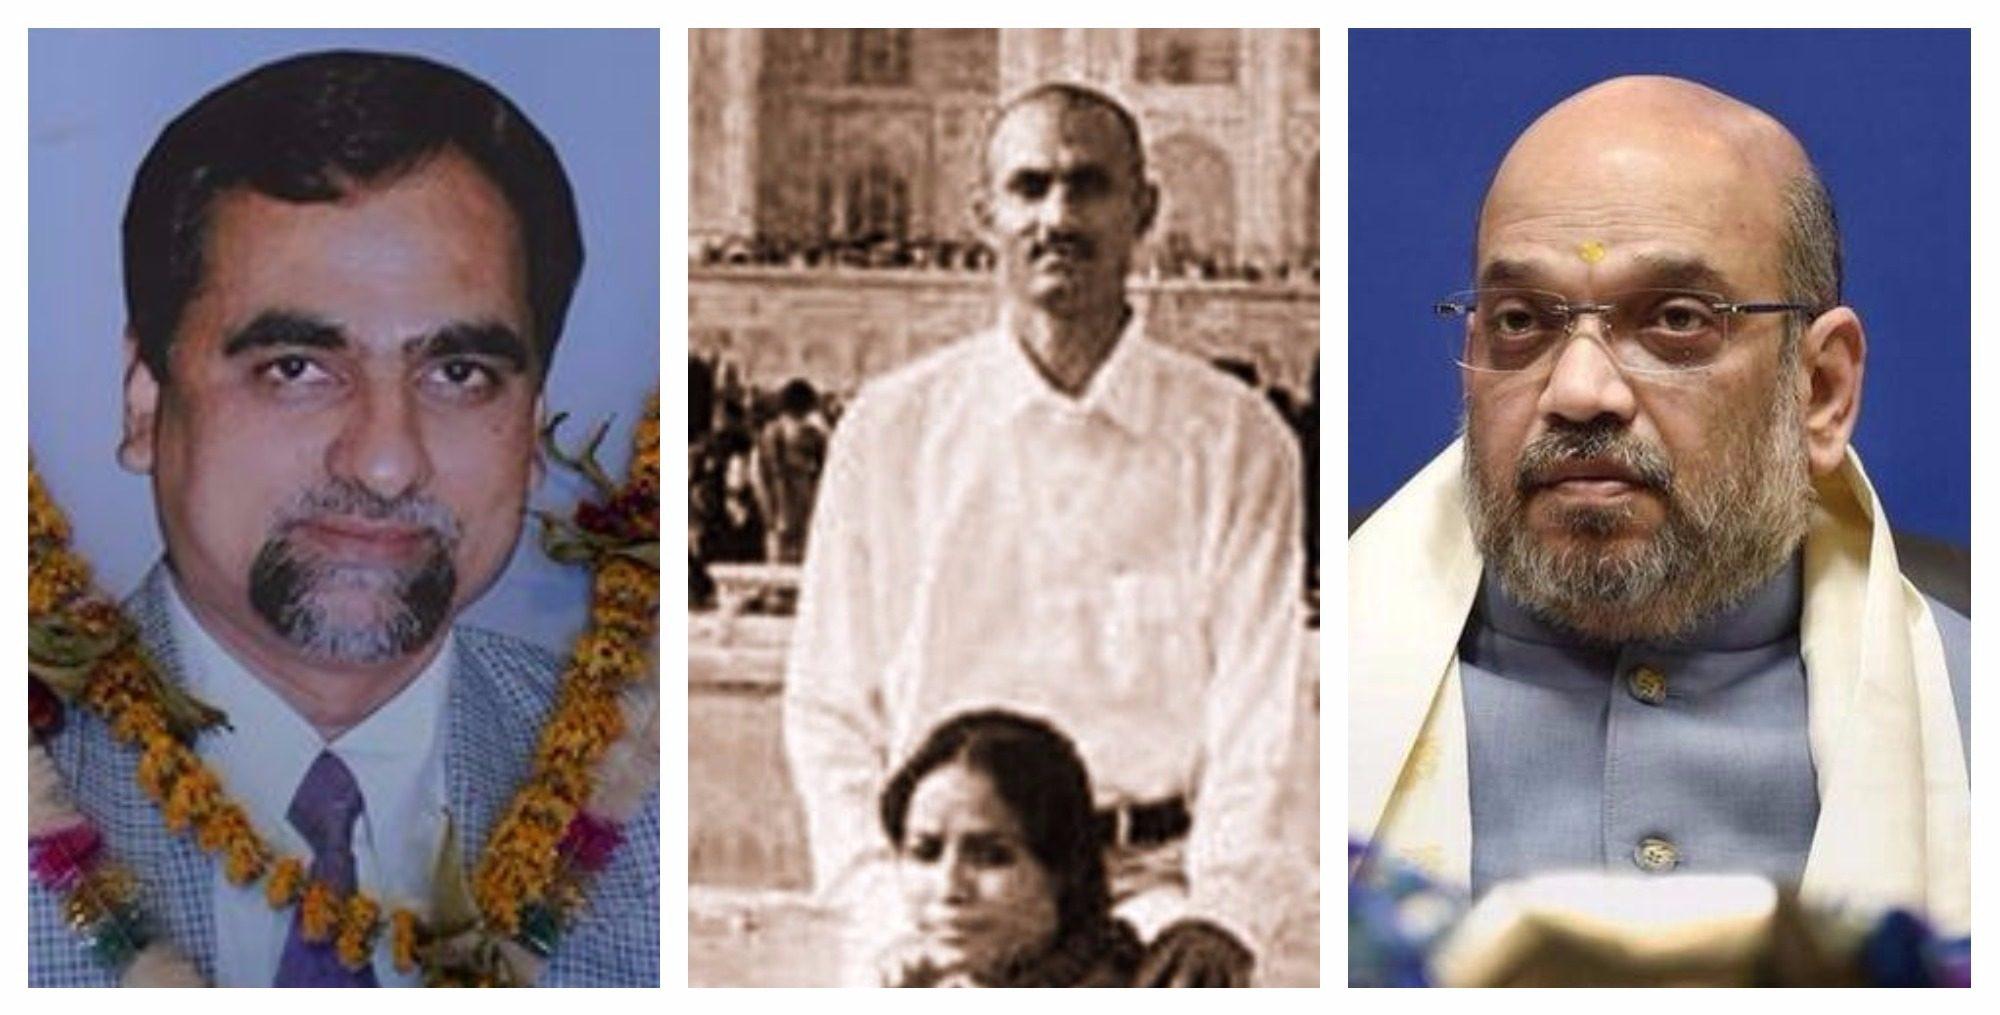 सीबीआई जज बृजगोपाल लोया, सोहराबुद्दीन और कौसर बी, अमित शाह (फोटो साभार: द कारवां/फेसबुक/पीटीआई)